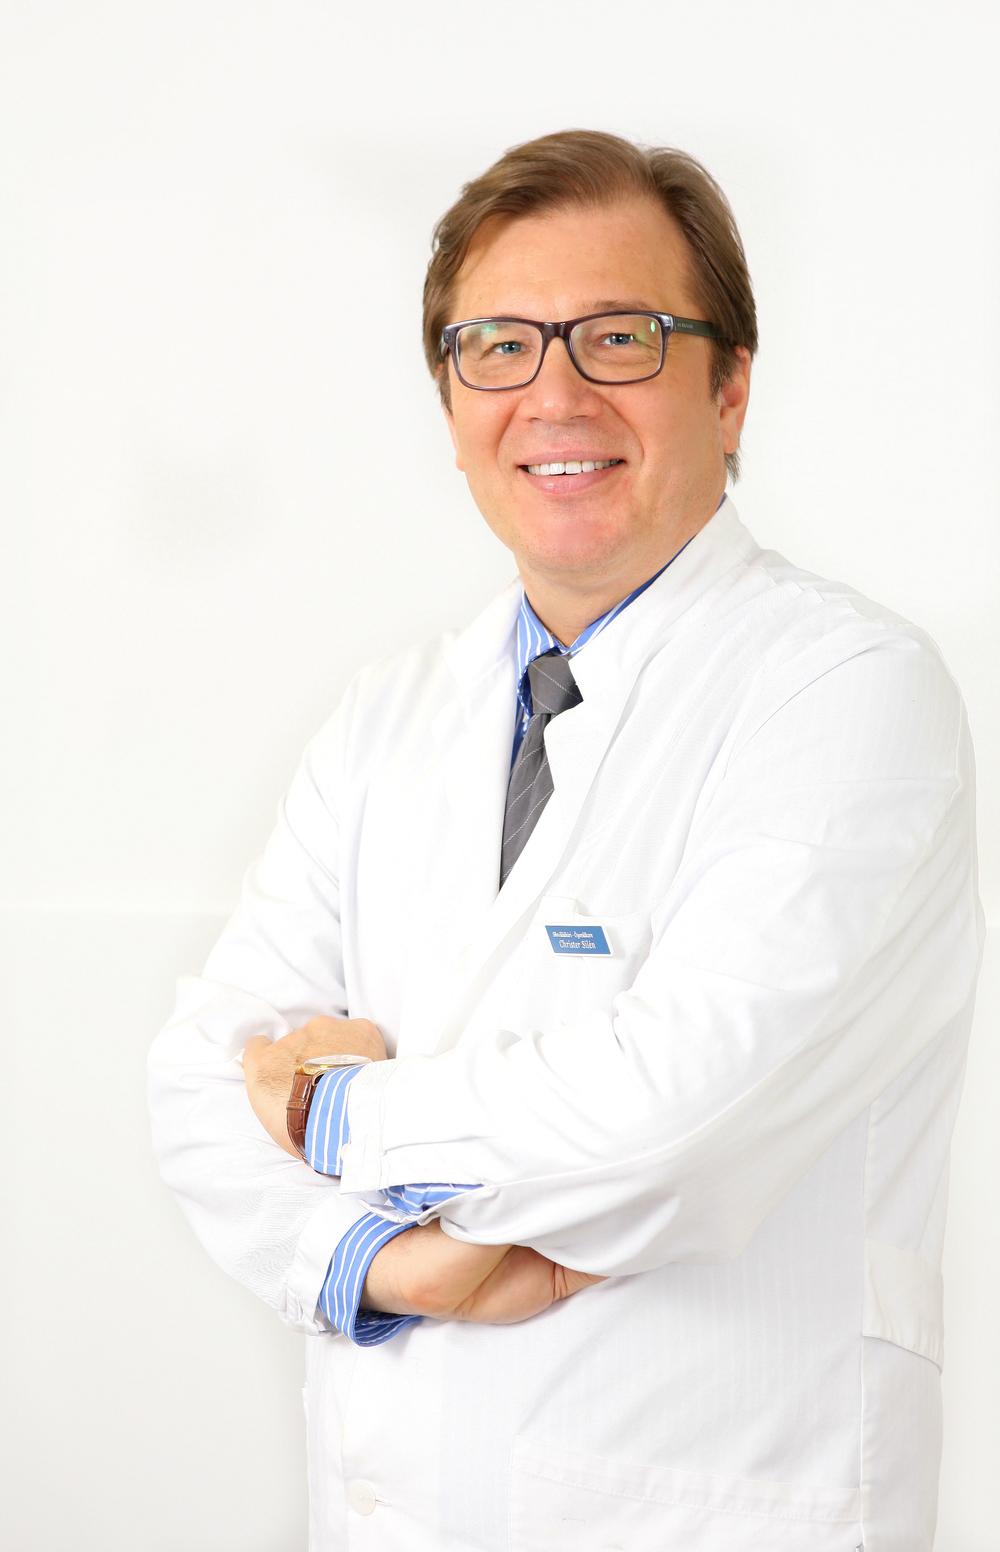 Christer Silén, silmälääkäri, toimitusjohtaja, Silmätalo Porvoo